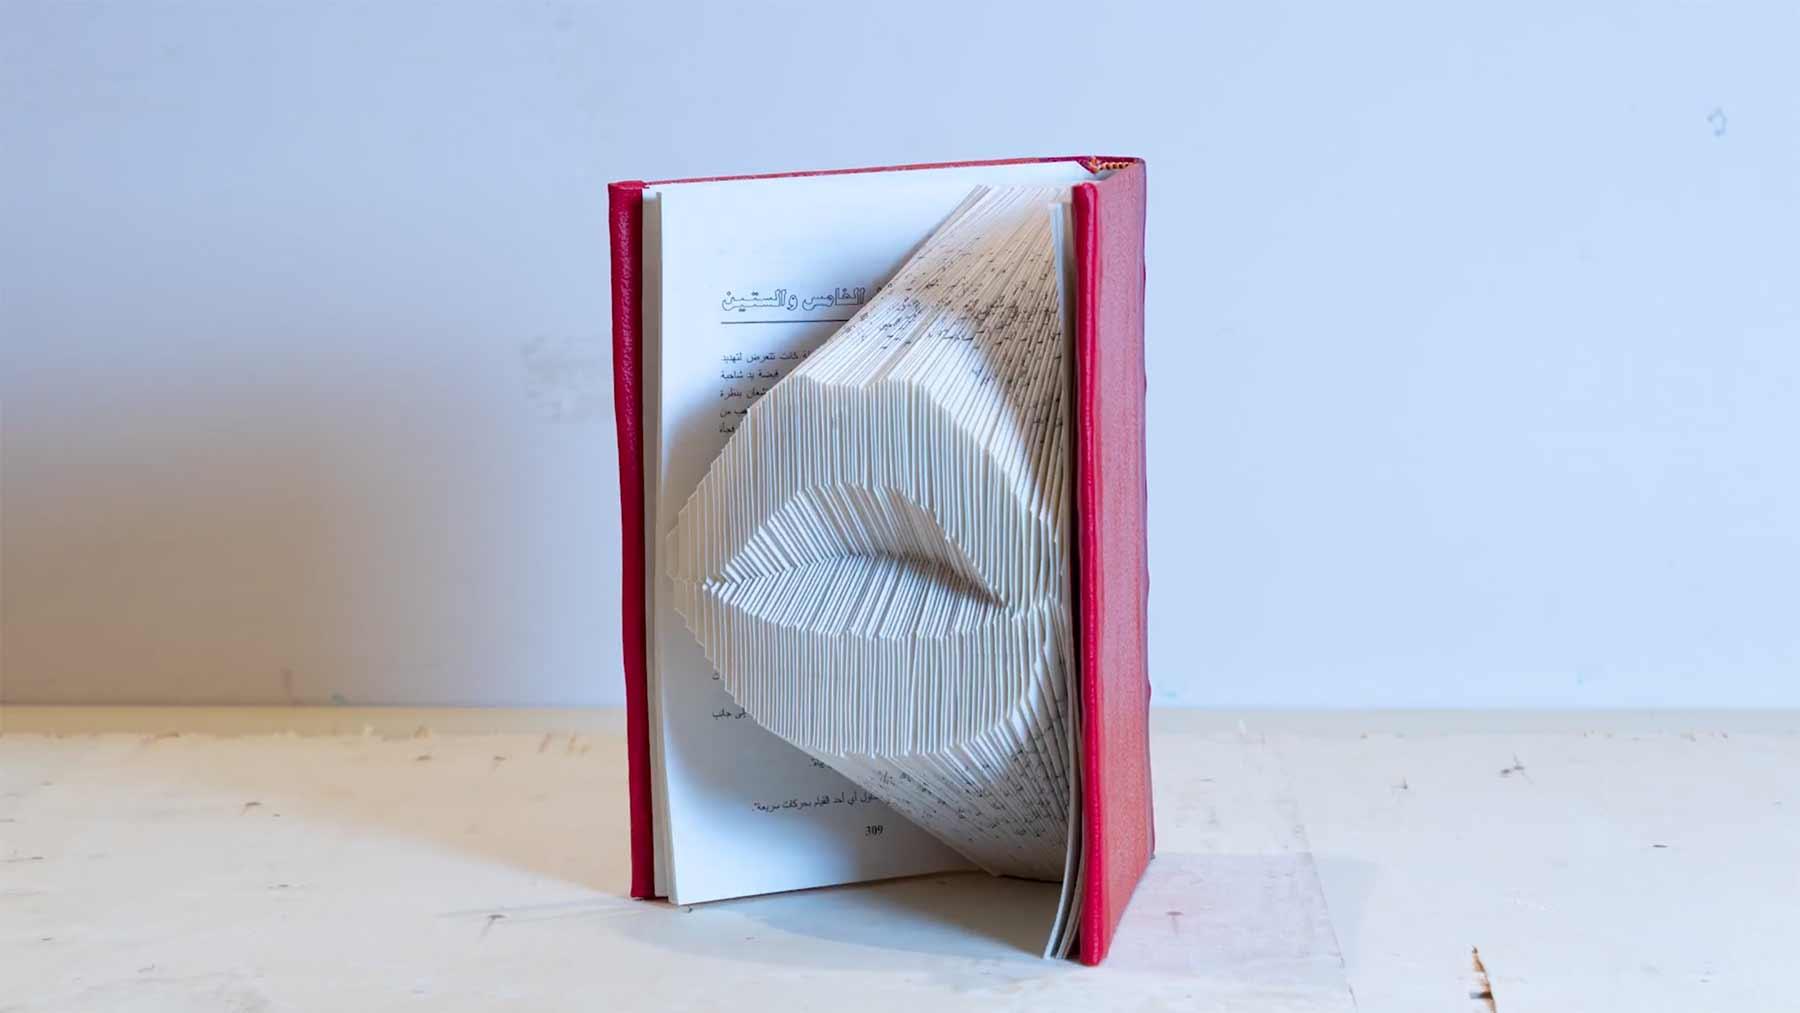 dina A. Amin hat ein Buch zum Sprechen gebracht sprechendes-stopmotion-buch